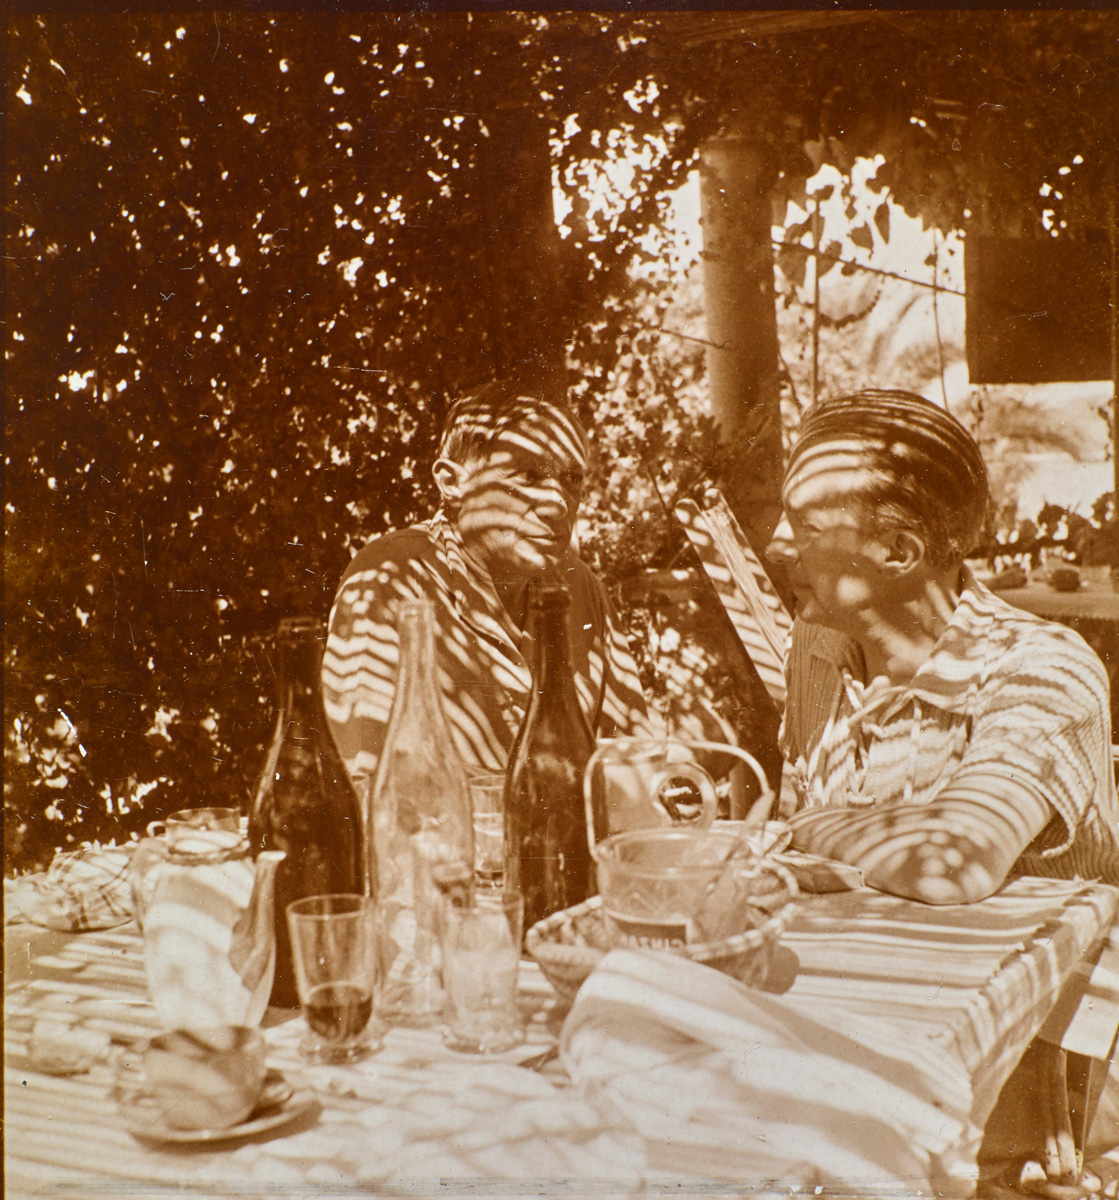 Dora Maar, Pablo Picasso et Paul Eluard (1936-1937) © ADAGP, Paris 2020